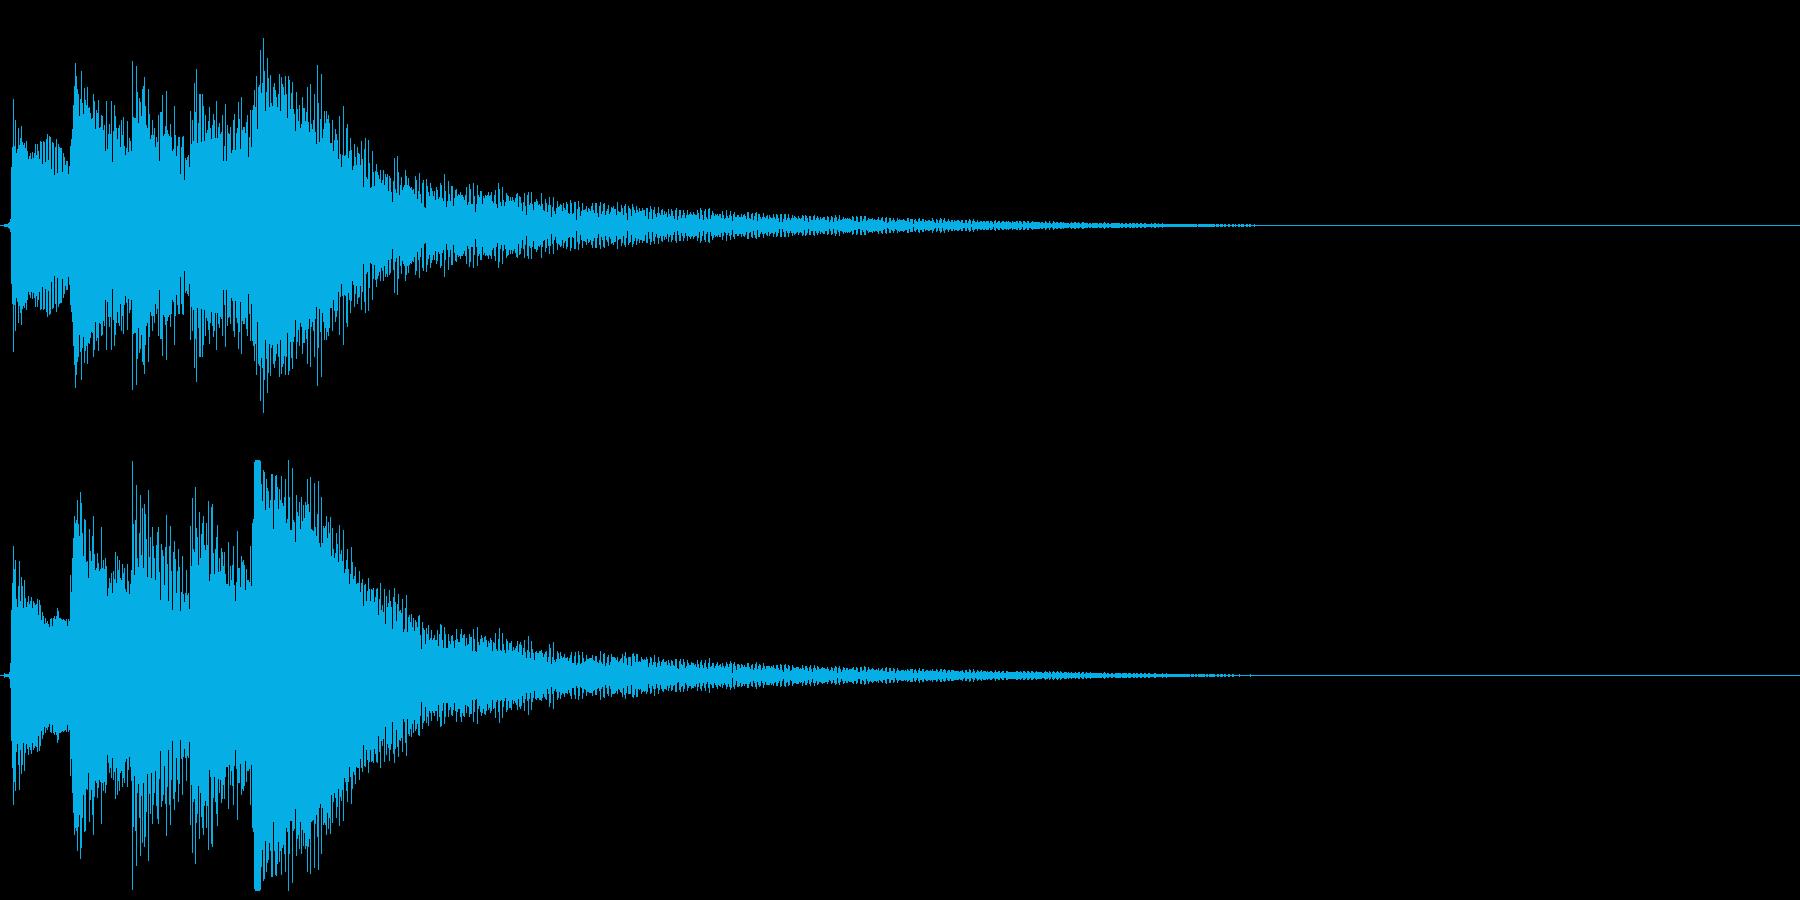 【効果音】サウナ用のギター:水風呂3の再生済みの波形